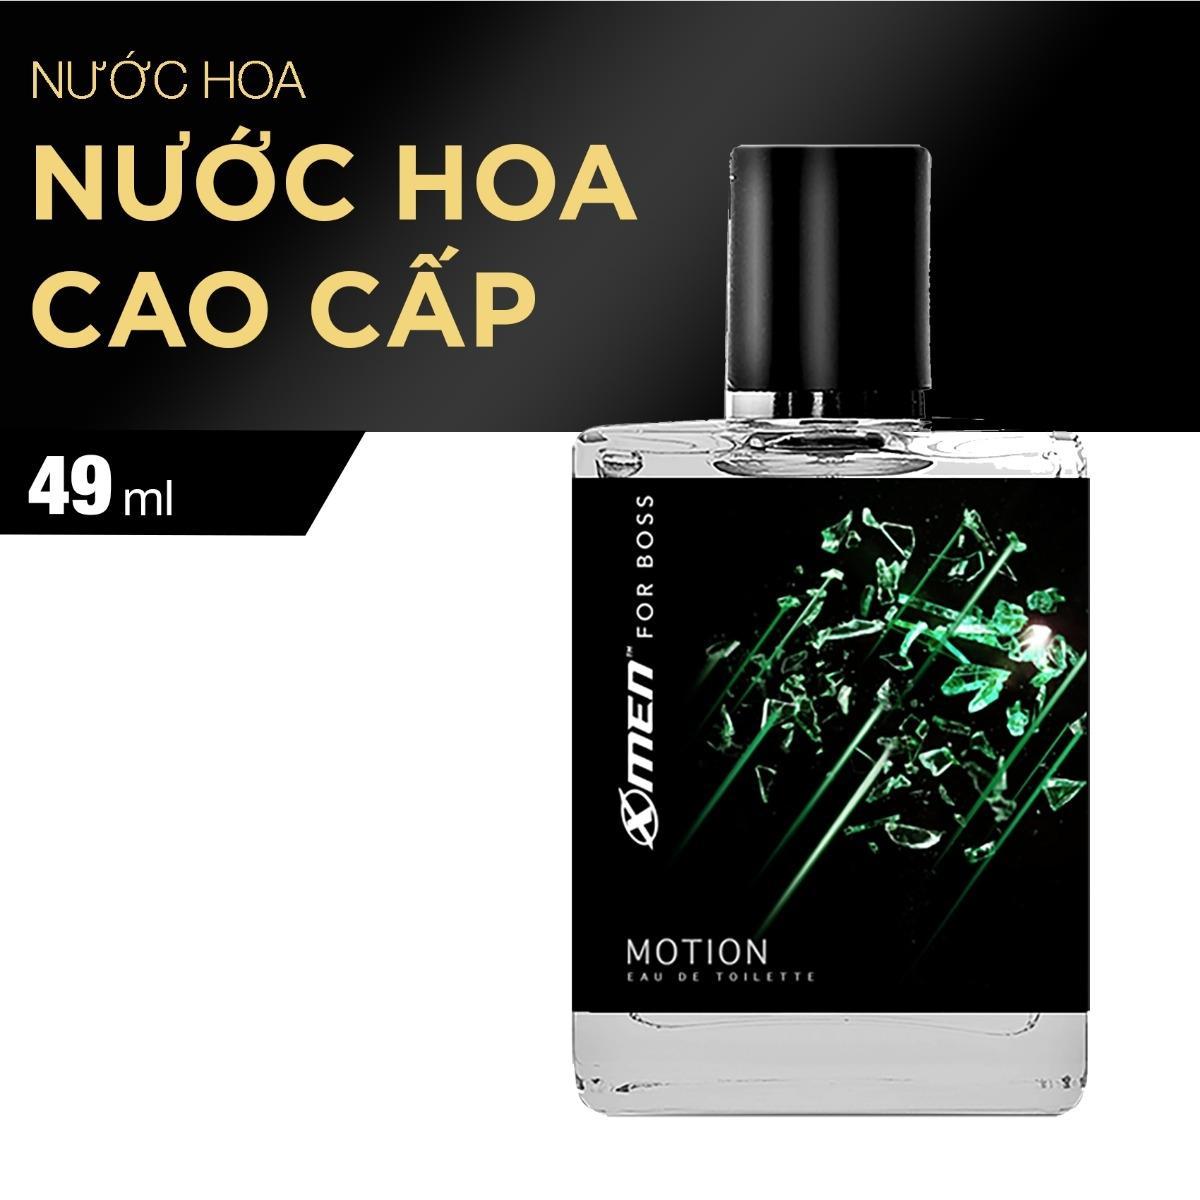 Nước hoa EDT X-Men for Boss Motion - Mùi hương năng động phóng khoáng 49ml (Màu xanh)